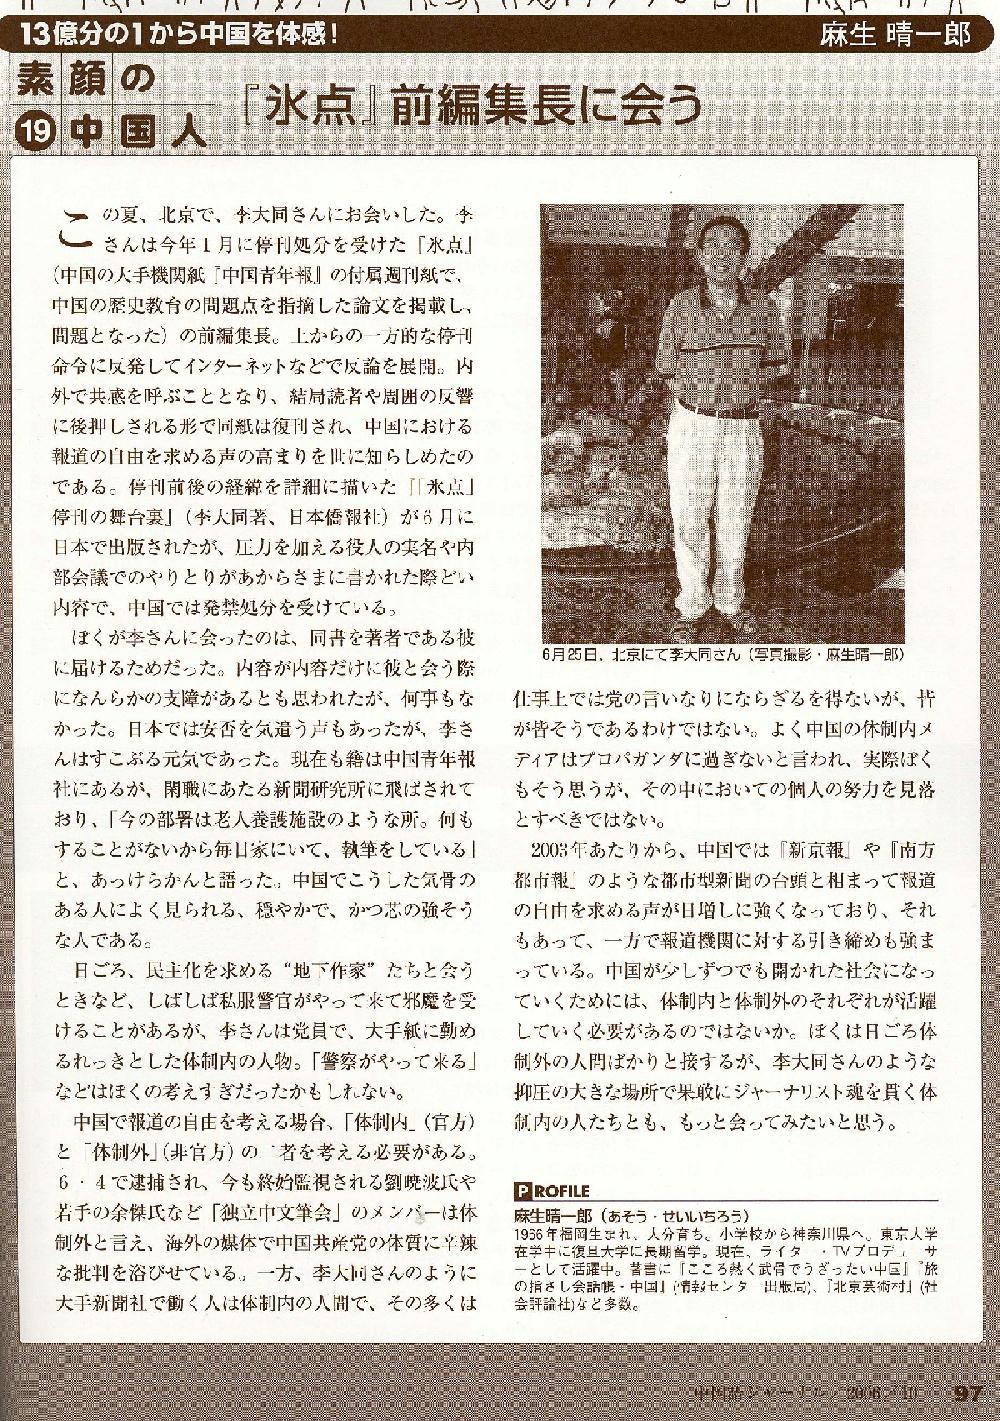 李大同さん 10月号「中国語ジャーナル」に登場_d0027795_1254230.jpg